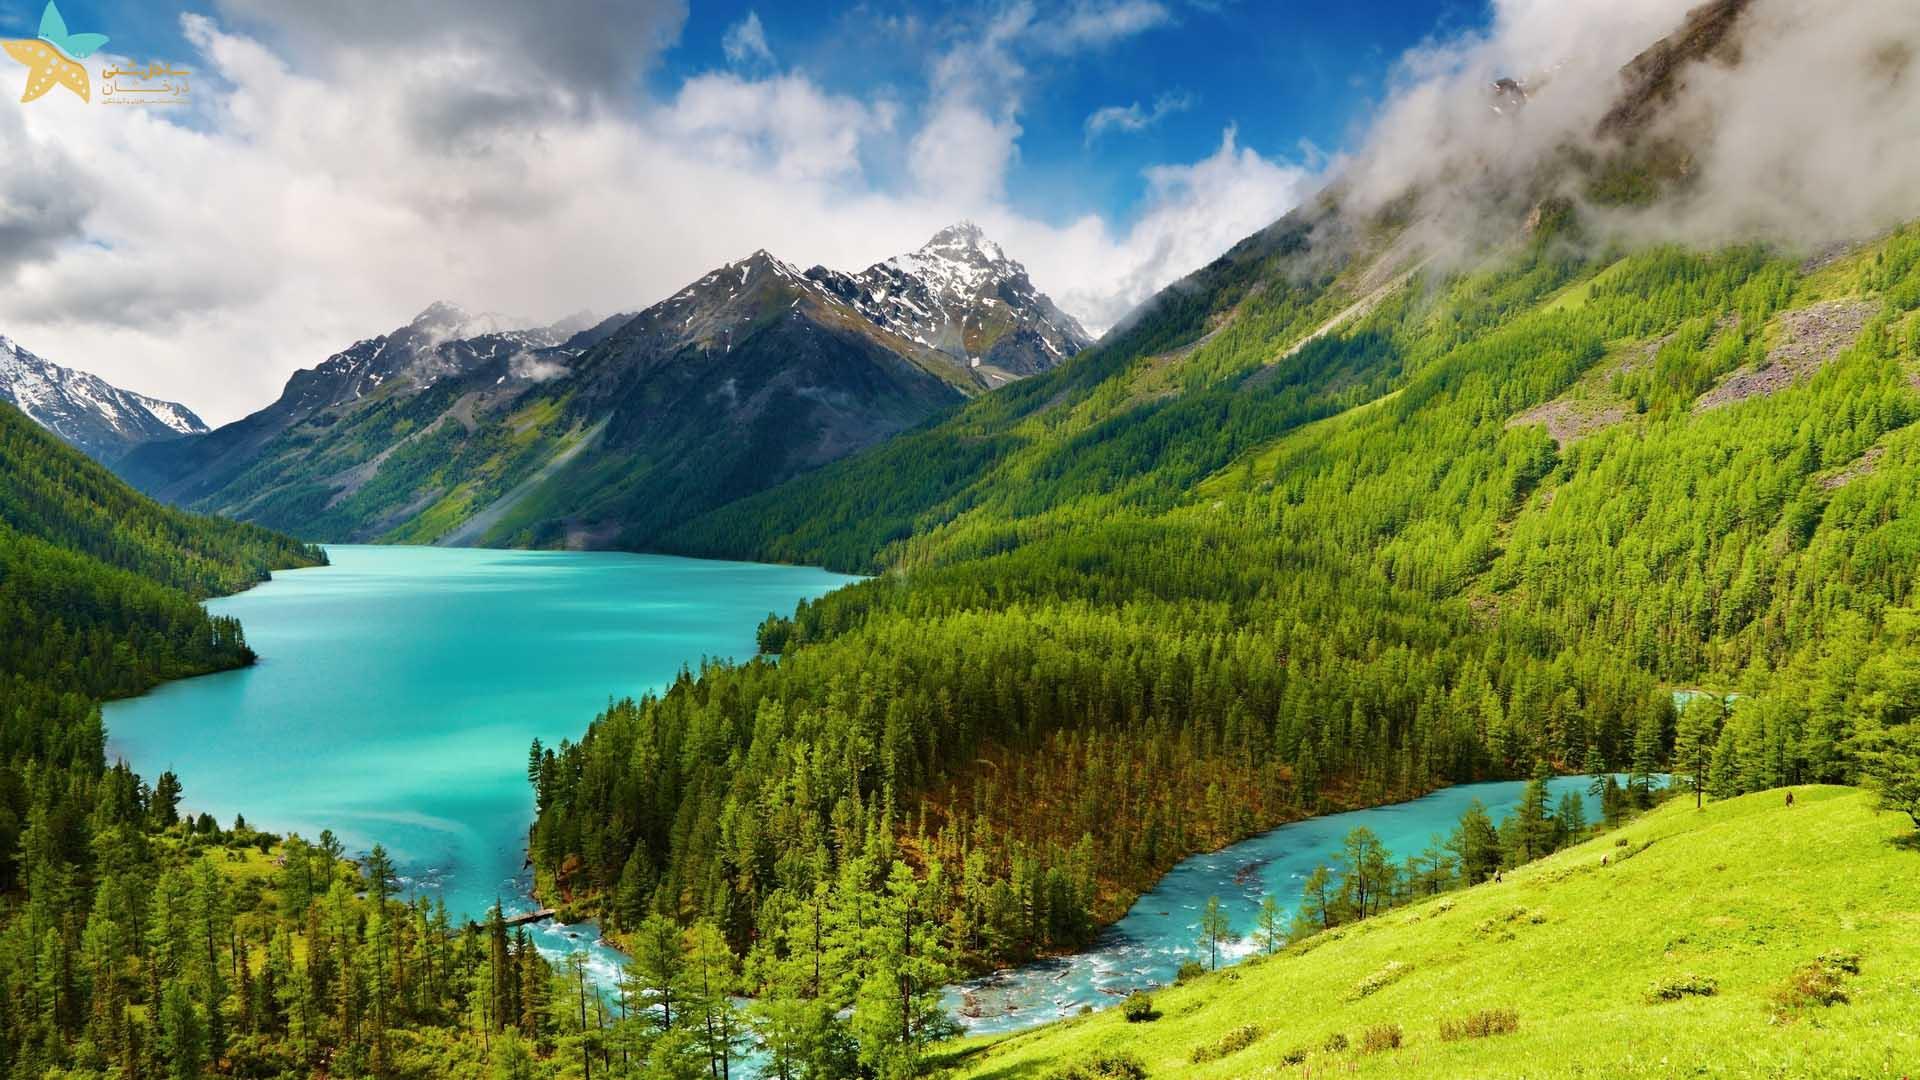 دریاچه بایکال - سیبری